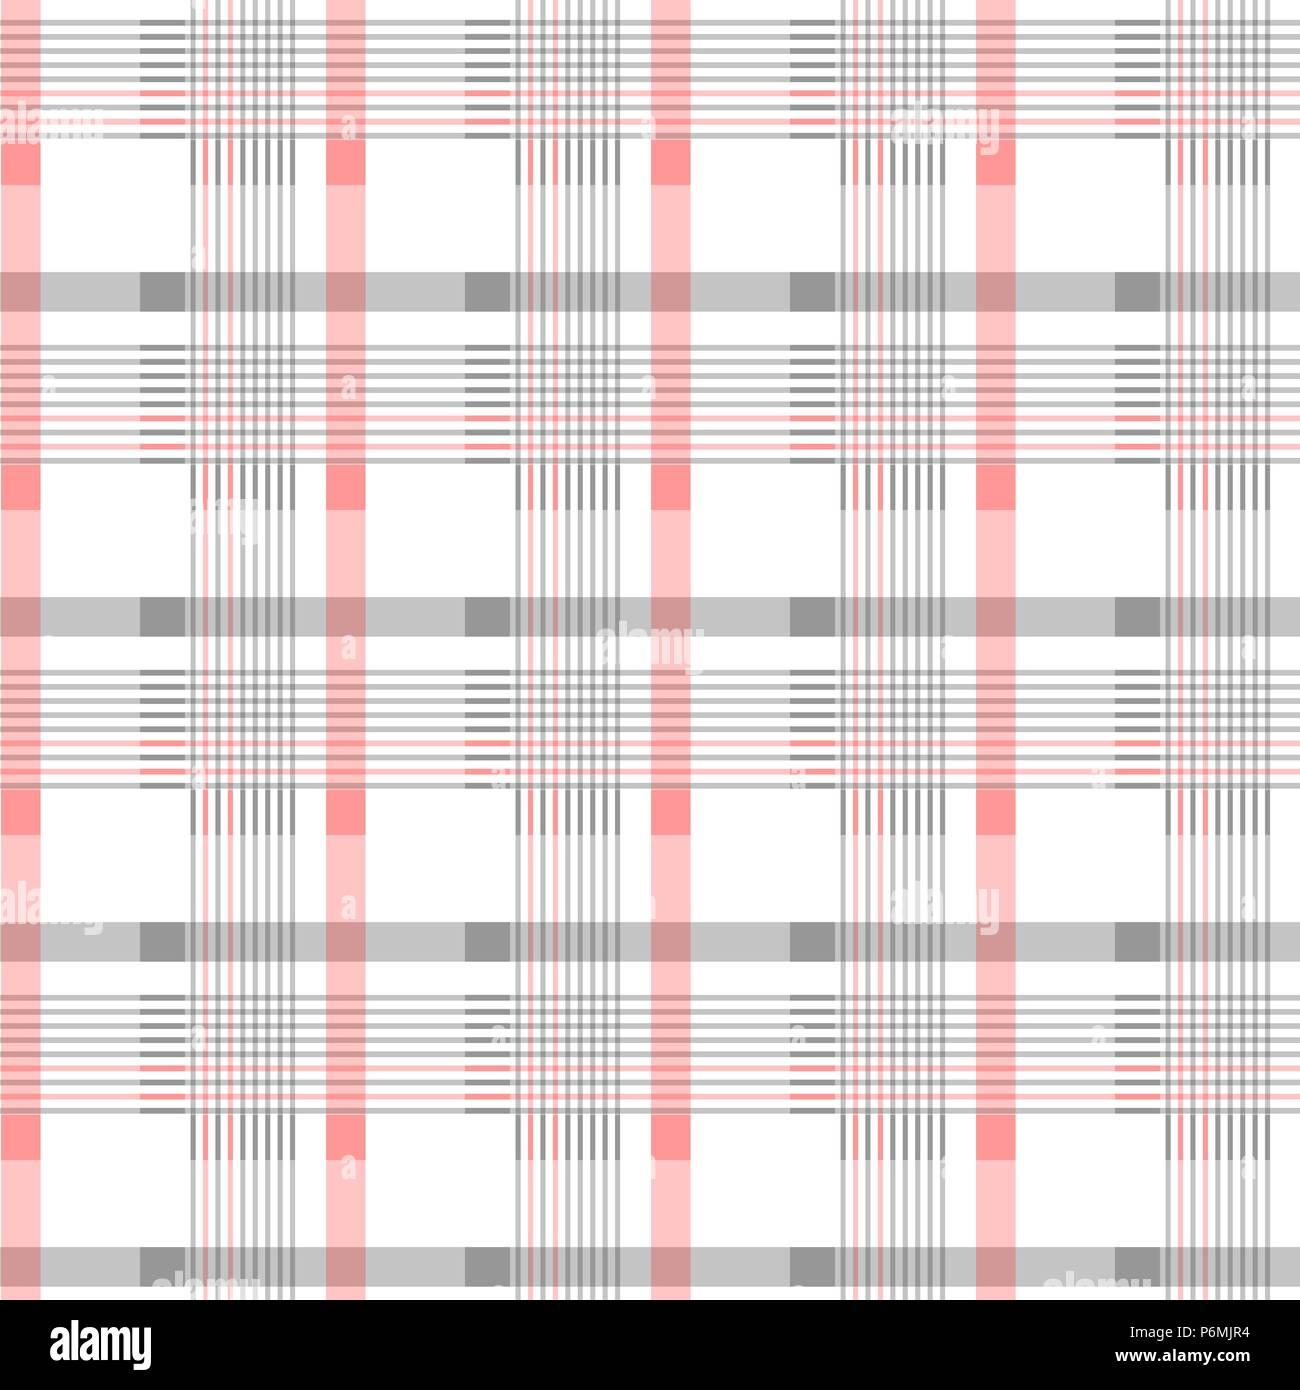 Noir, Rouge Et Blanc à Carreaux, Chemise De Flanelle Tartan. Carreaux Mode  Vector Illustration Pour Papiers Peints.